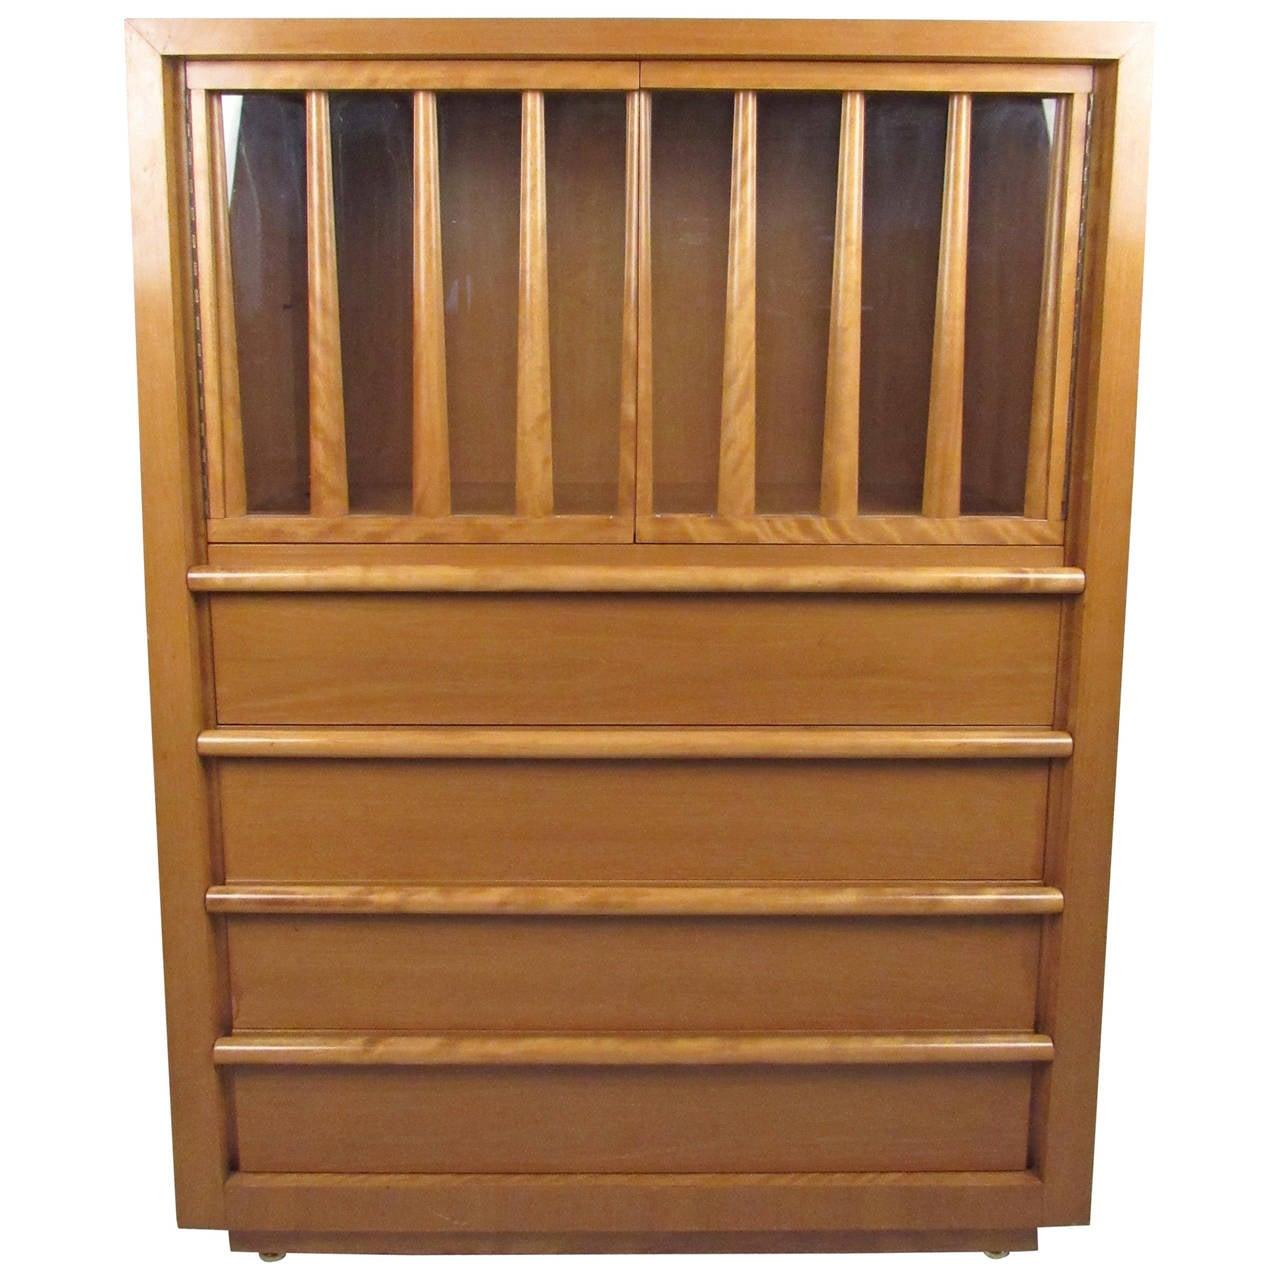 Vintage Maple Dresser with built in Desk by T.H. Robsjohn-Gibbings for Widdicomb